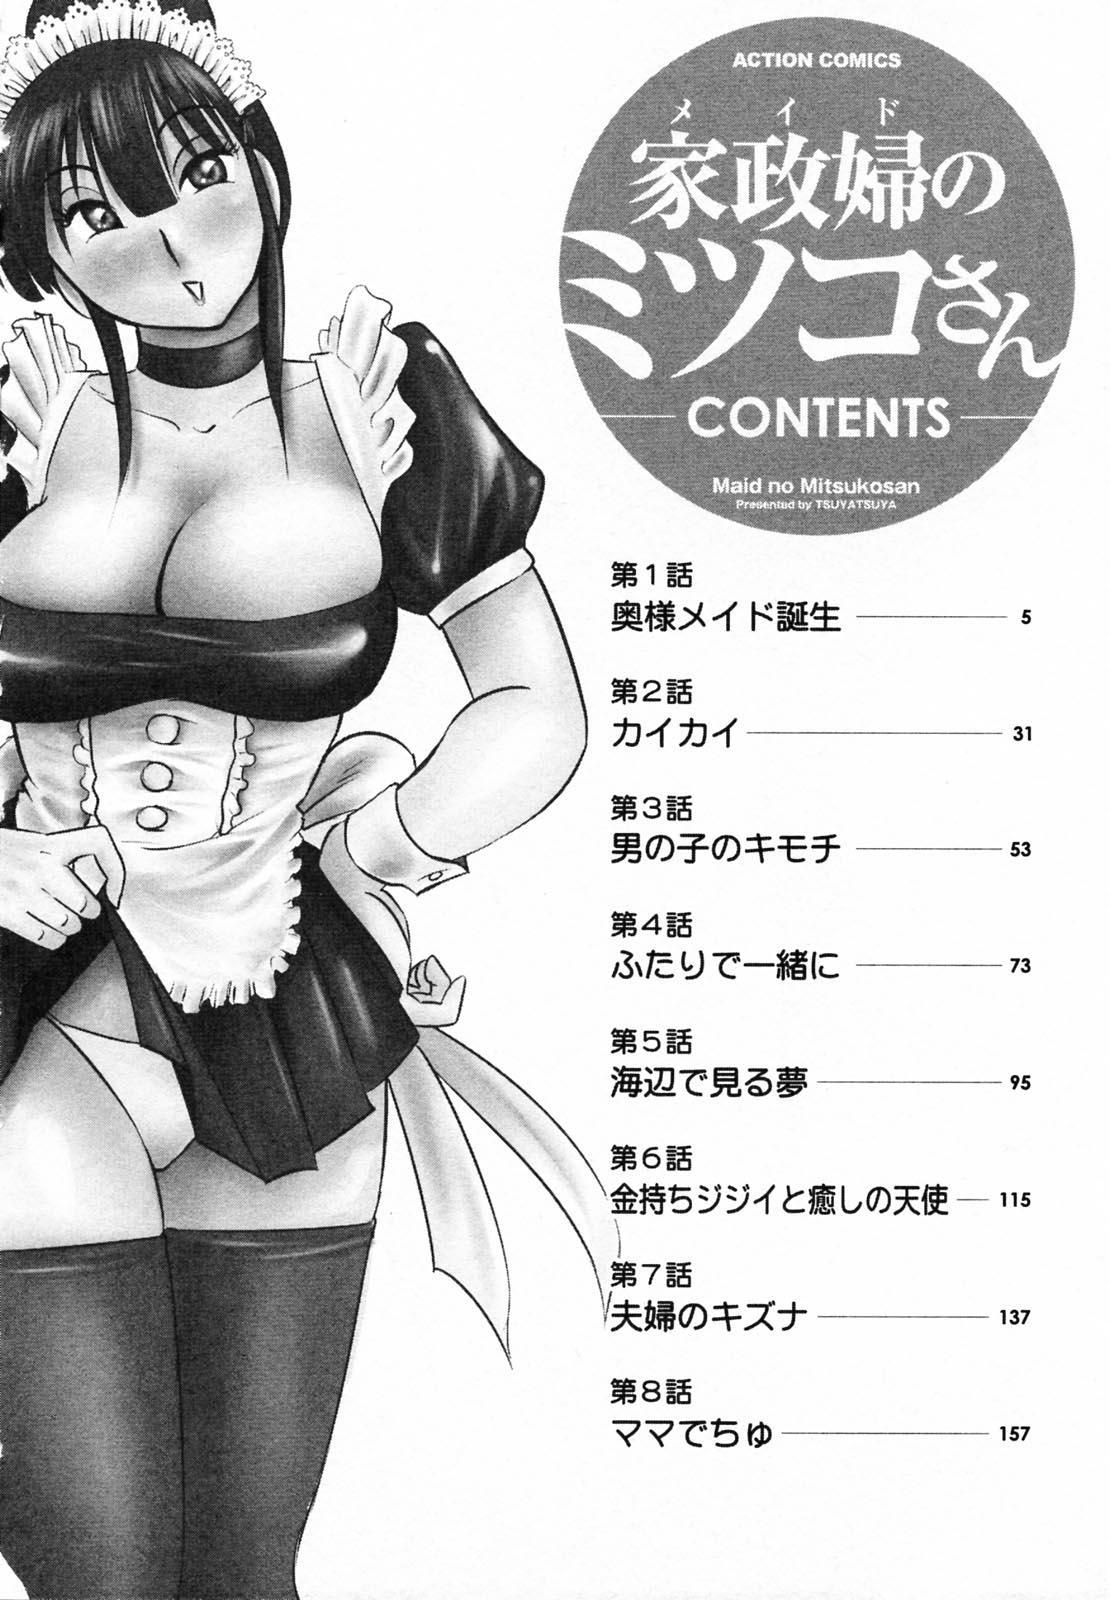 Maid no Mitsukosan Vol.1 3